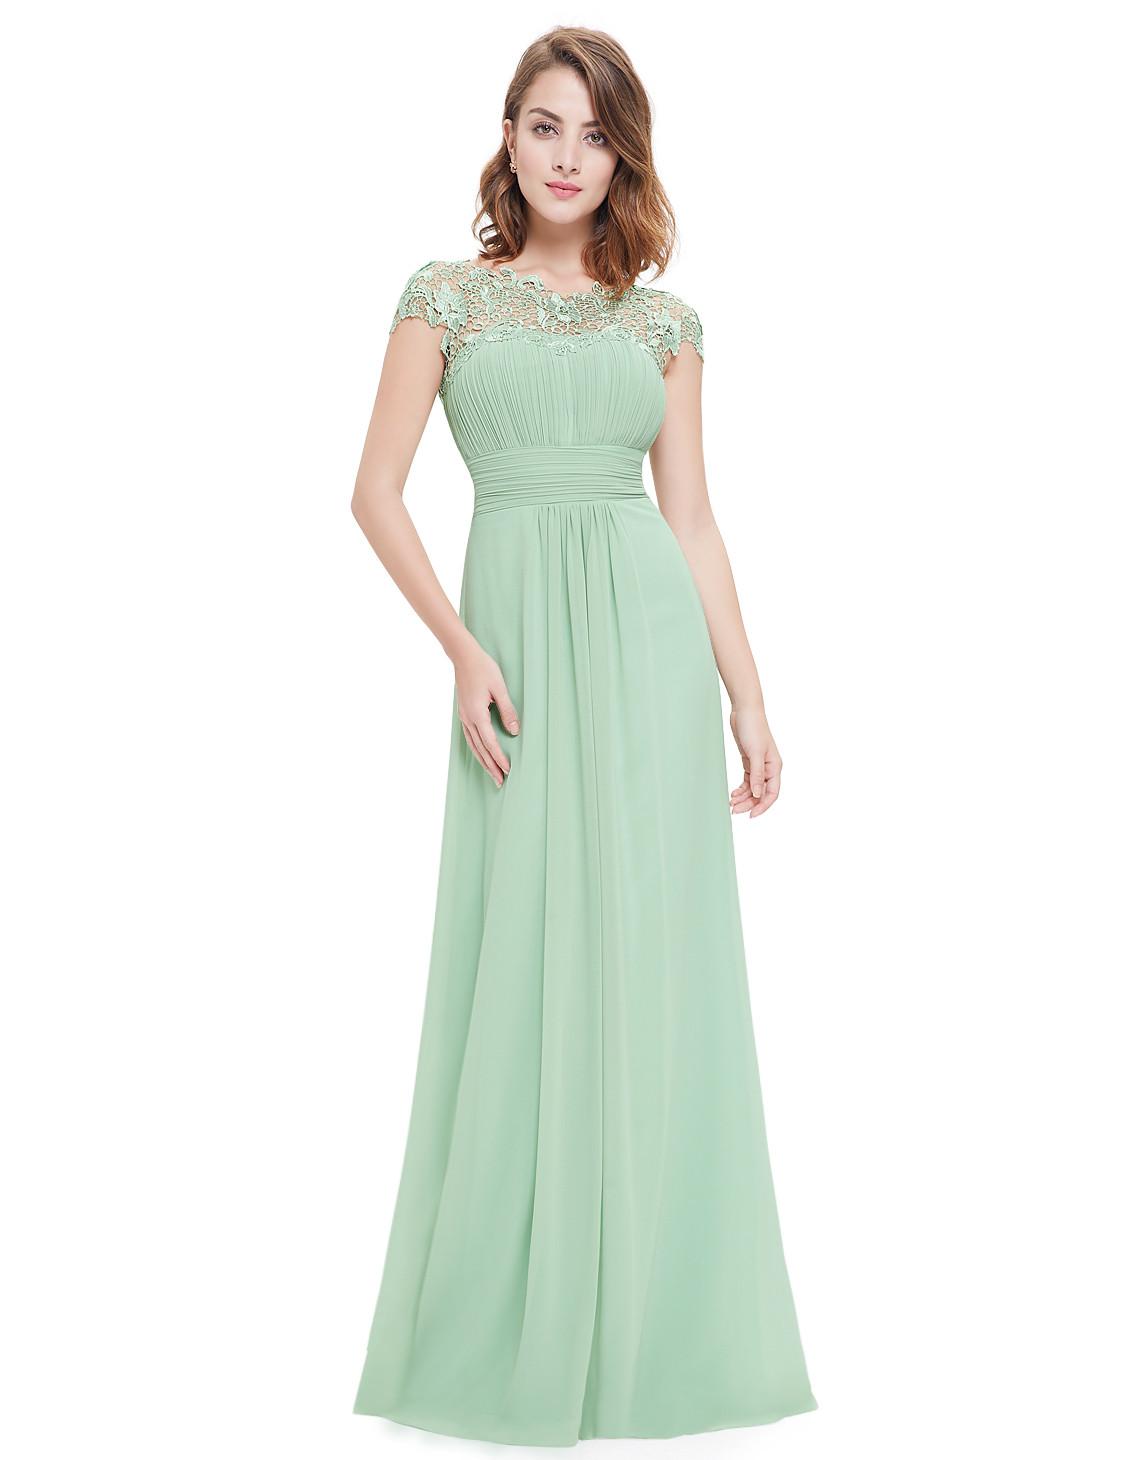 Sage Green Lacey Neckline Bridesmaid Dress